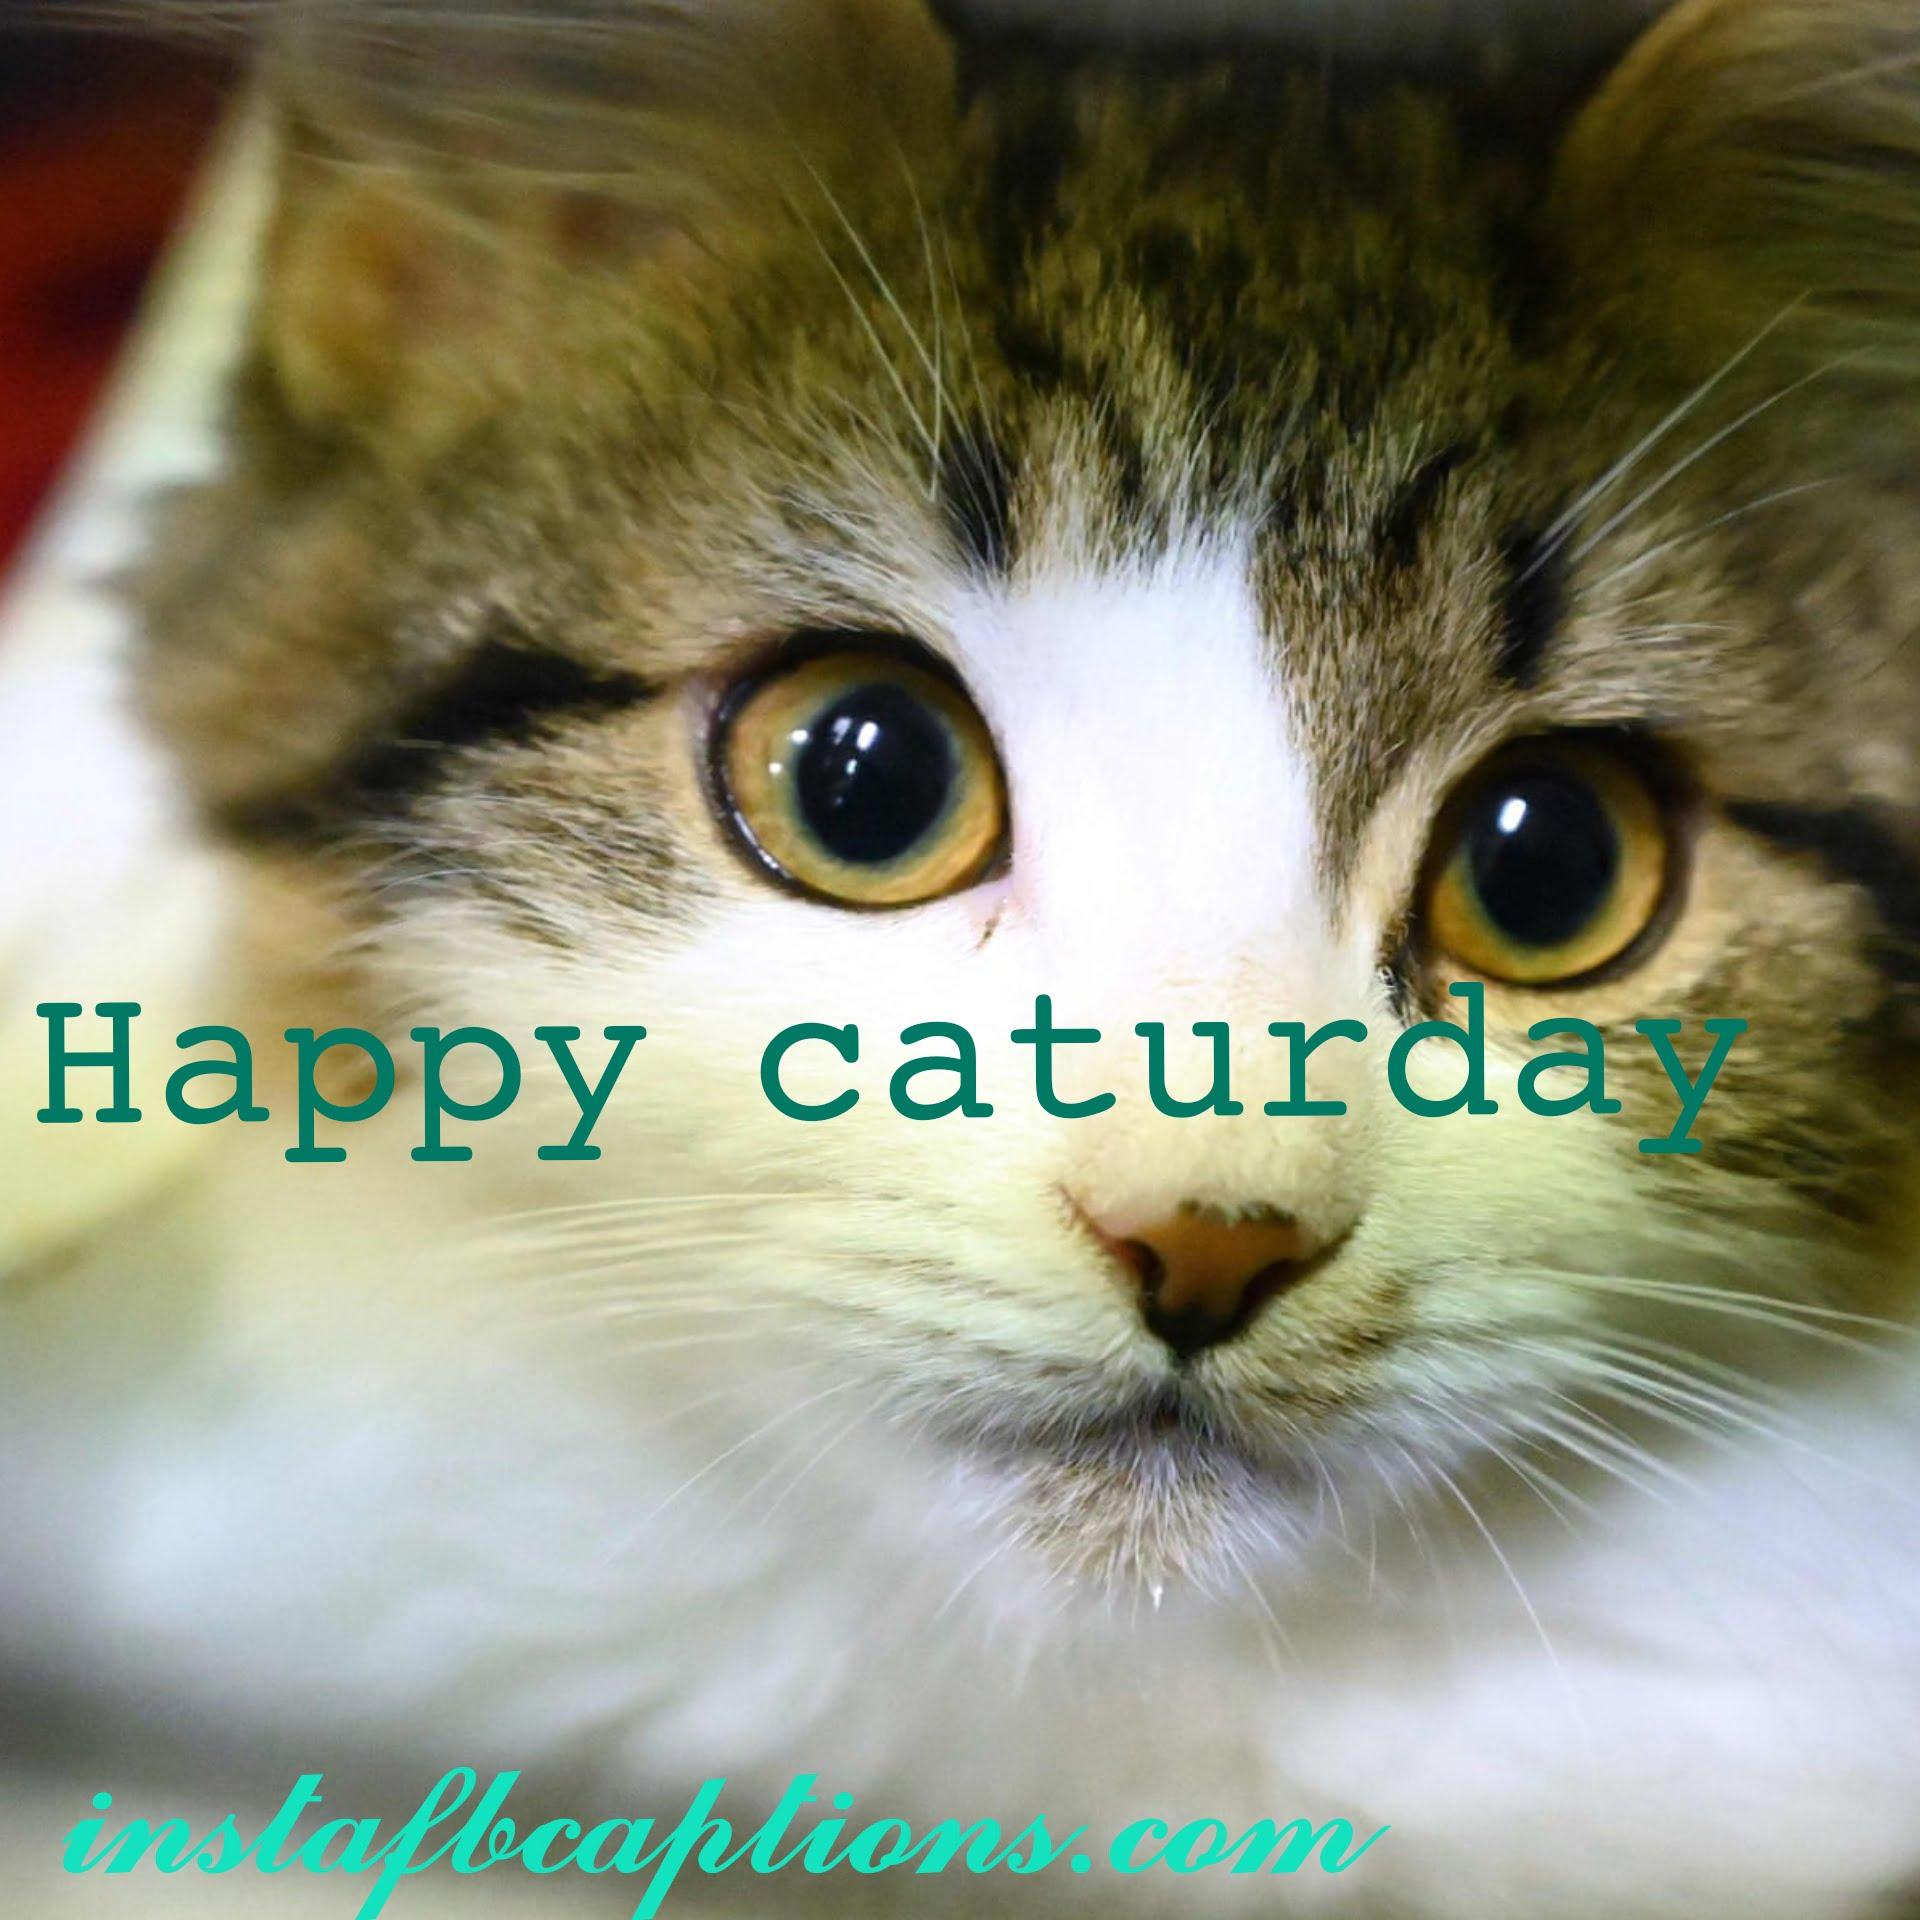 Grumpy Cat Captions  - Grumpy Cat Captions - 150+ CATS Instagram Captions 2021